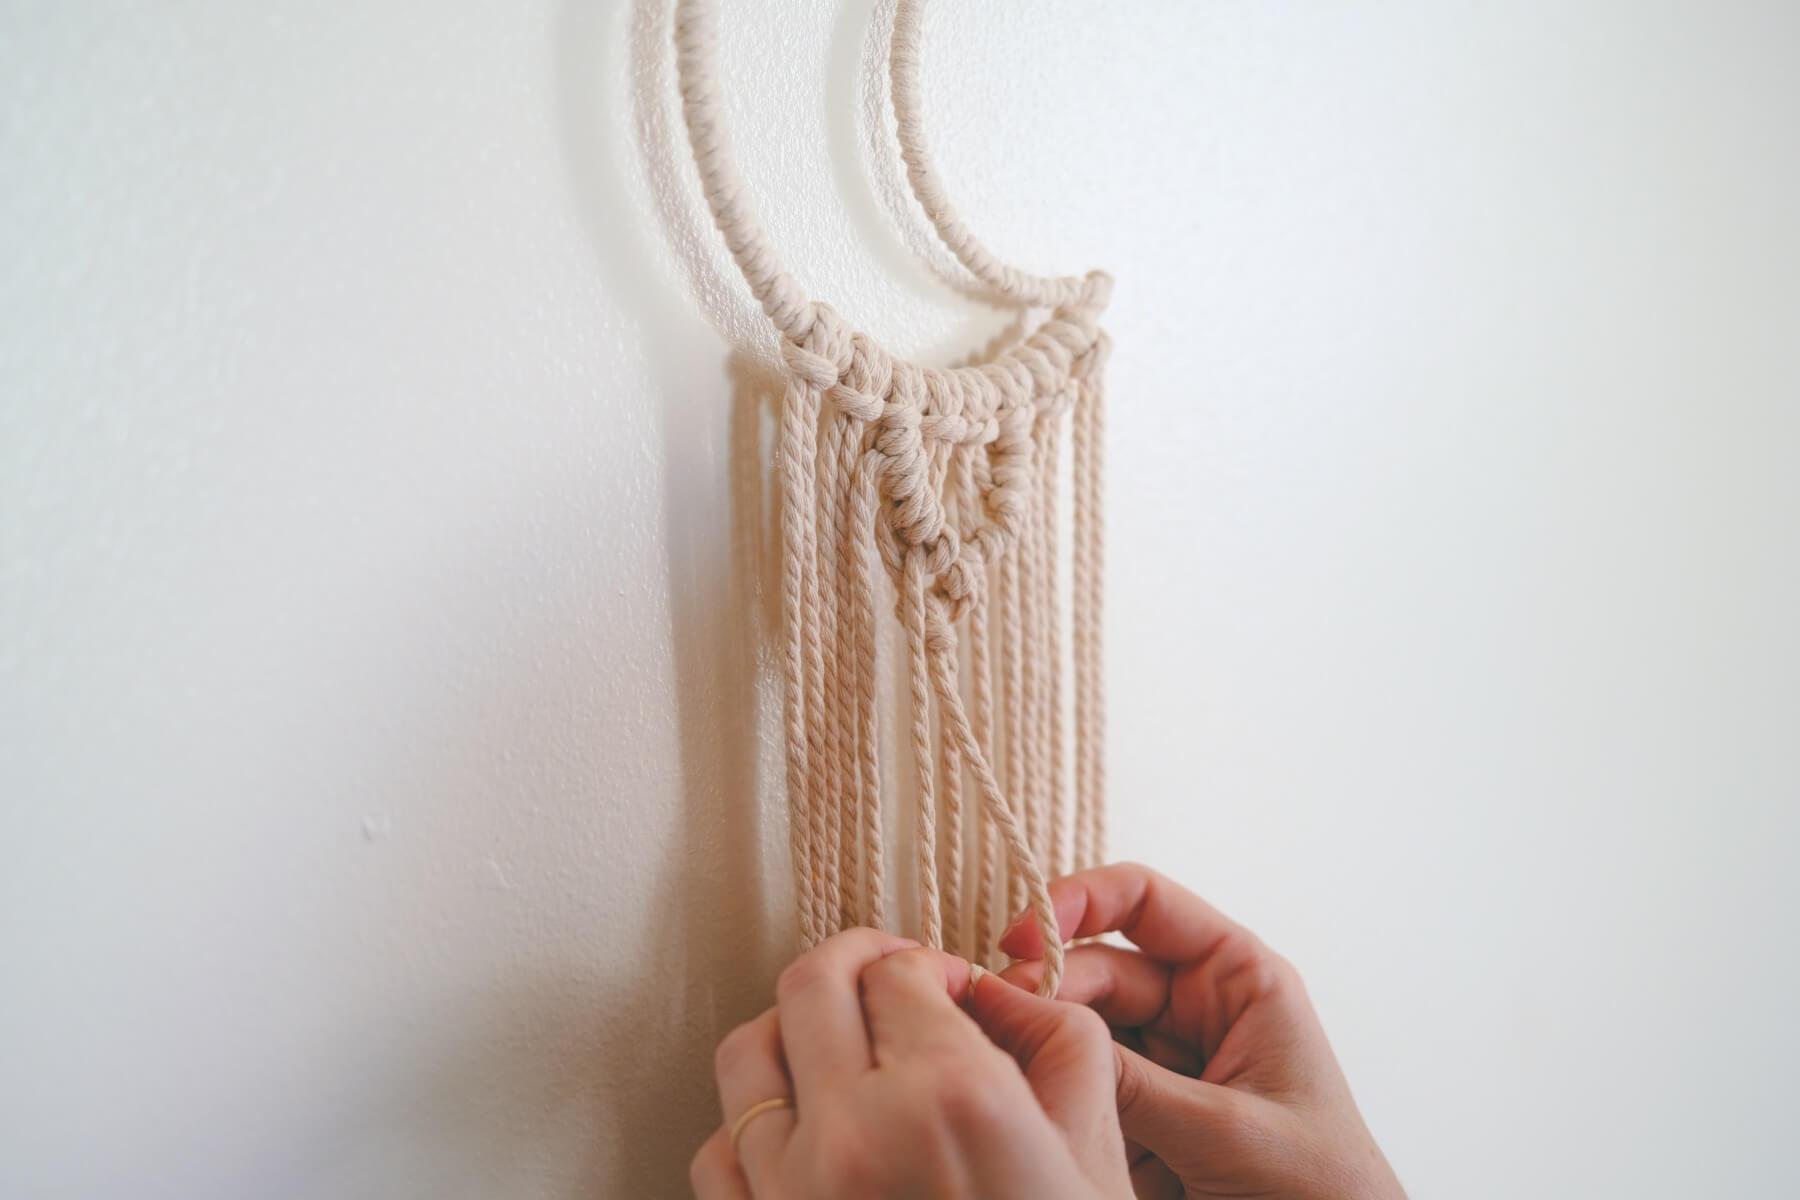 knot making macrame wall hanging tutorial